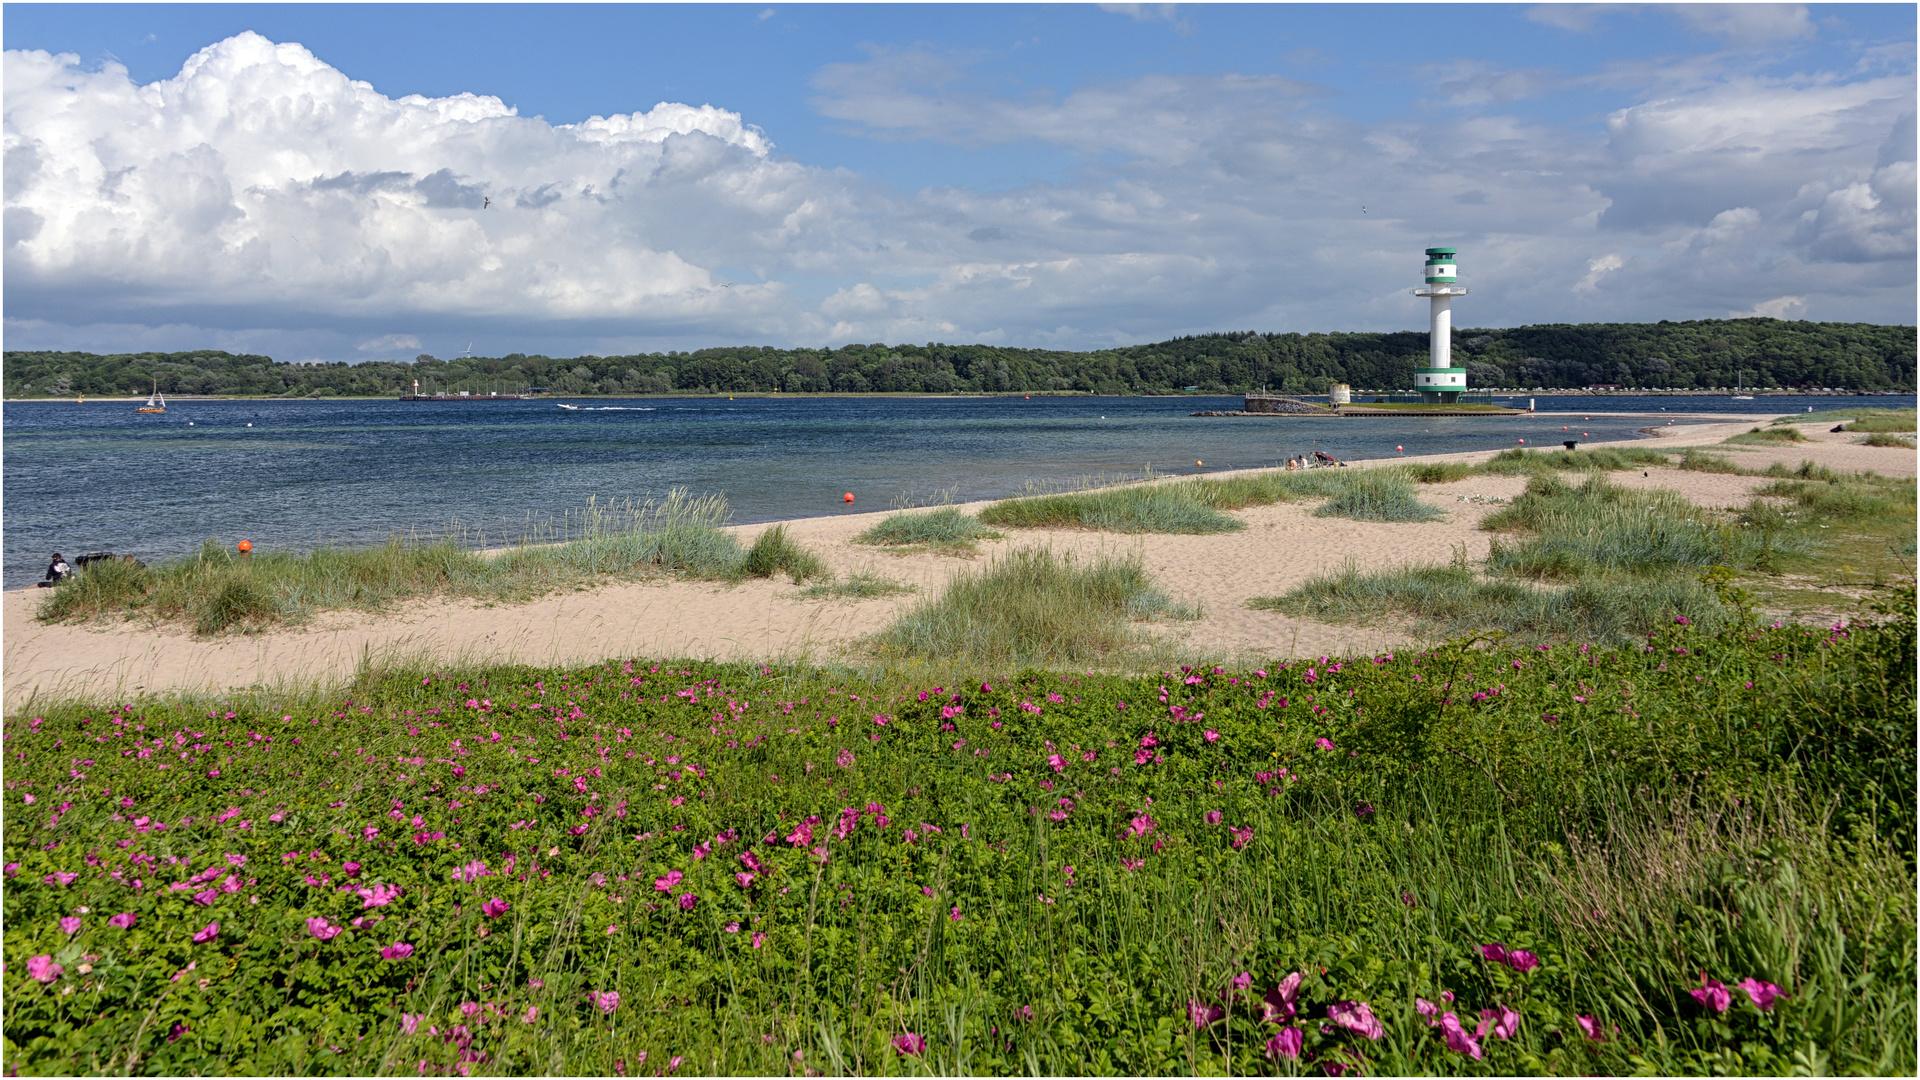 Am Falckensteiner Strand in Kiel